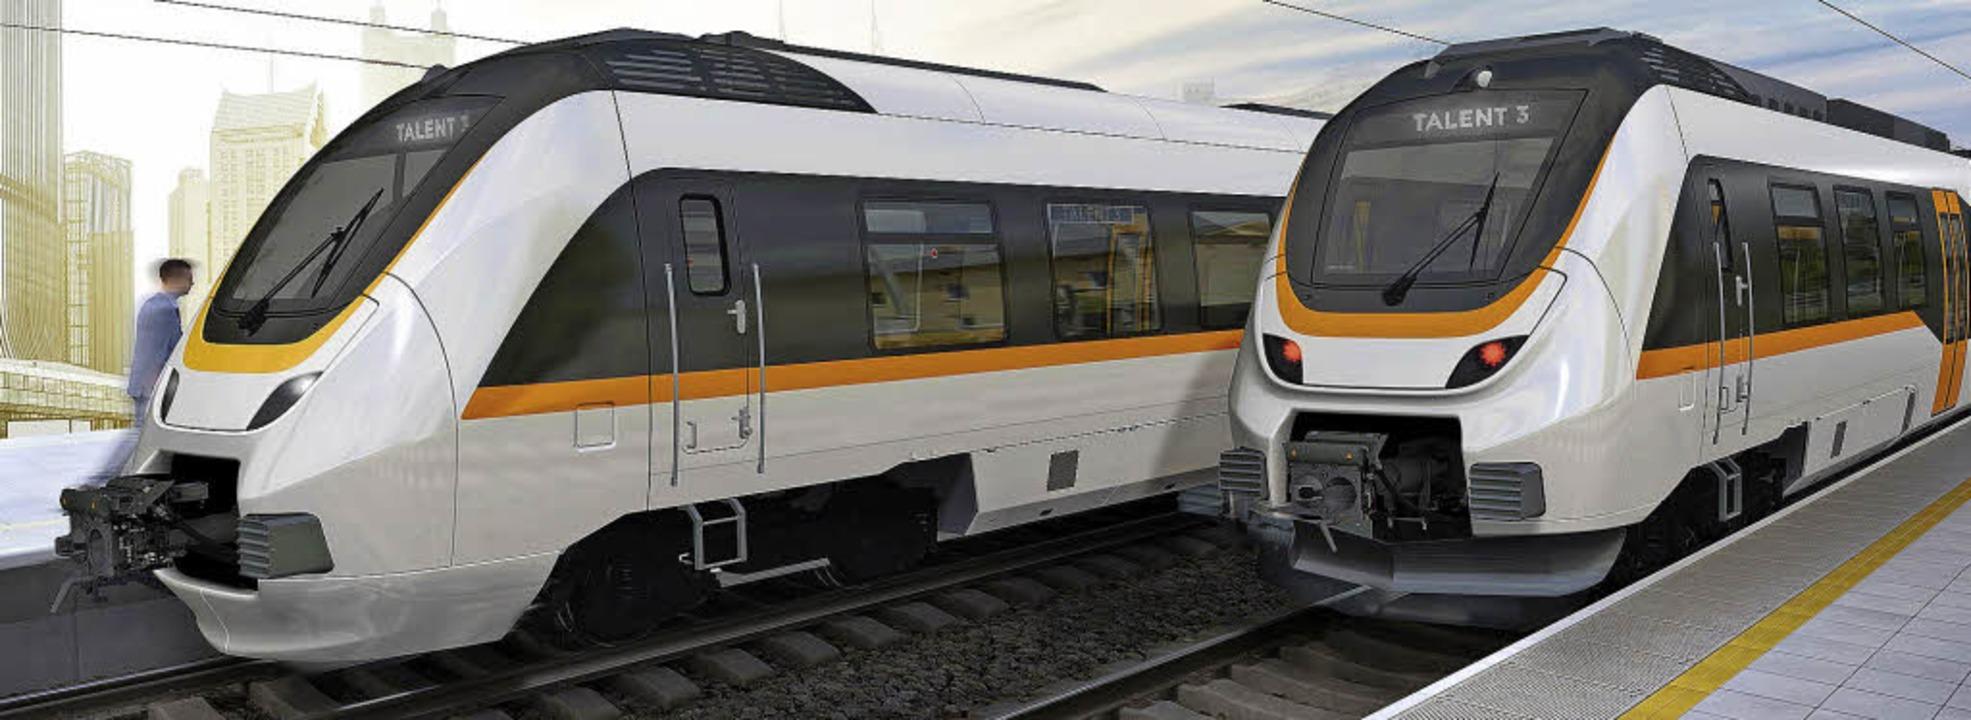 Talent-3-Züge sollen bald zum Einsatz kommen.   | Foto: Visualisierung: Bombardier/FotoS: Markus Zimmermann